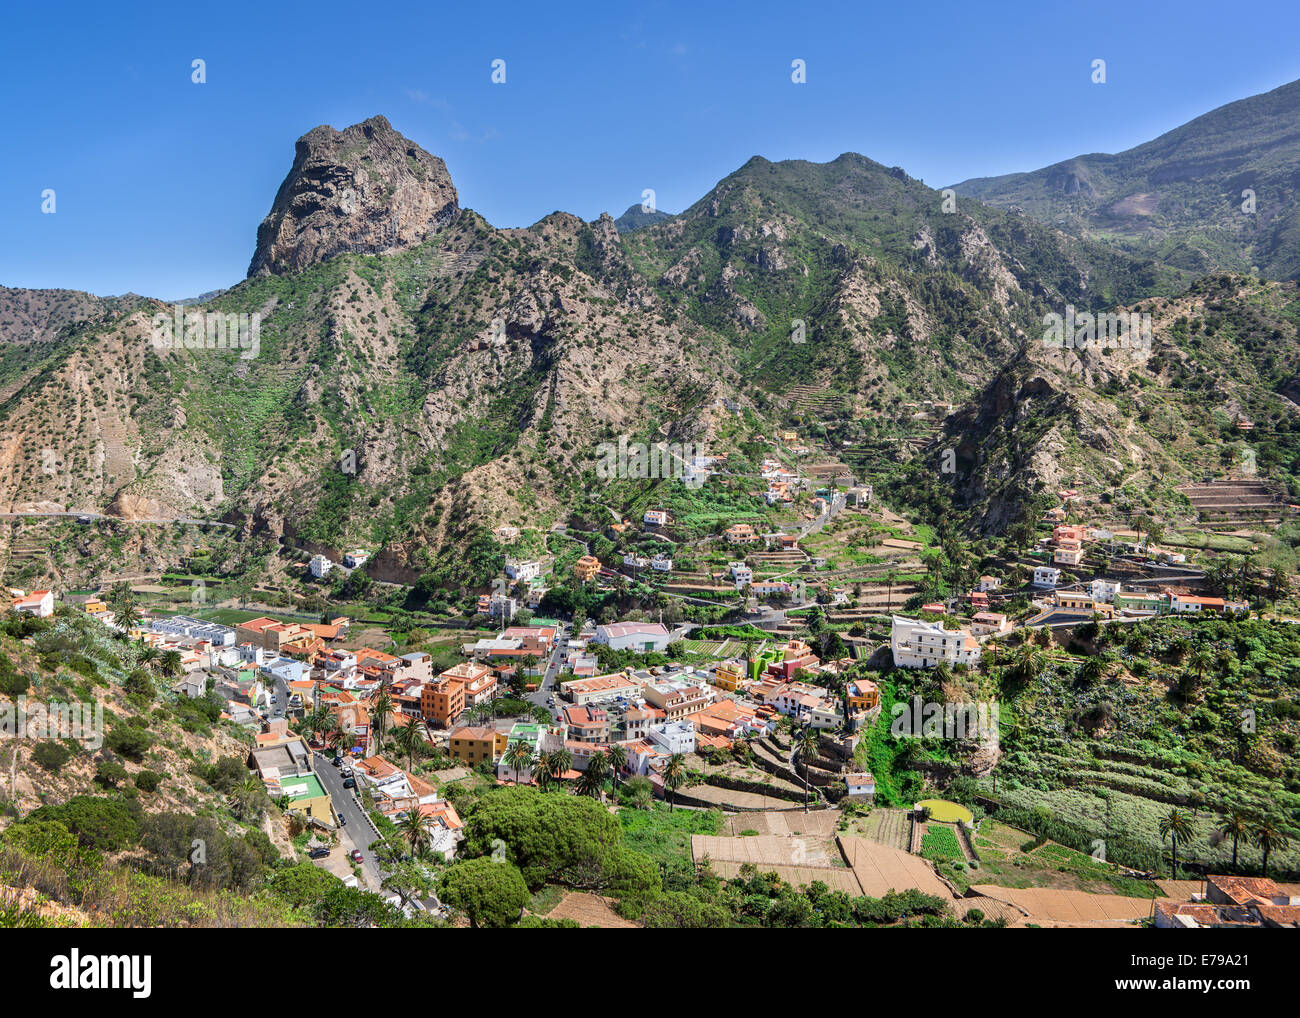 La Gomera - Vallehermoso with Roque El Cano - Stock Image